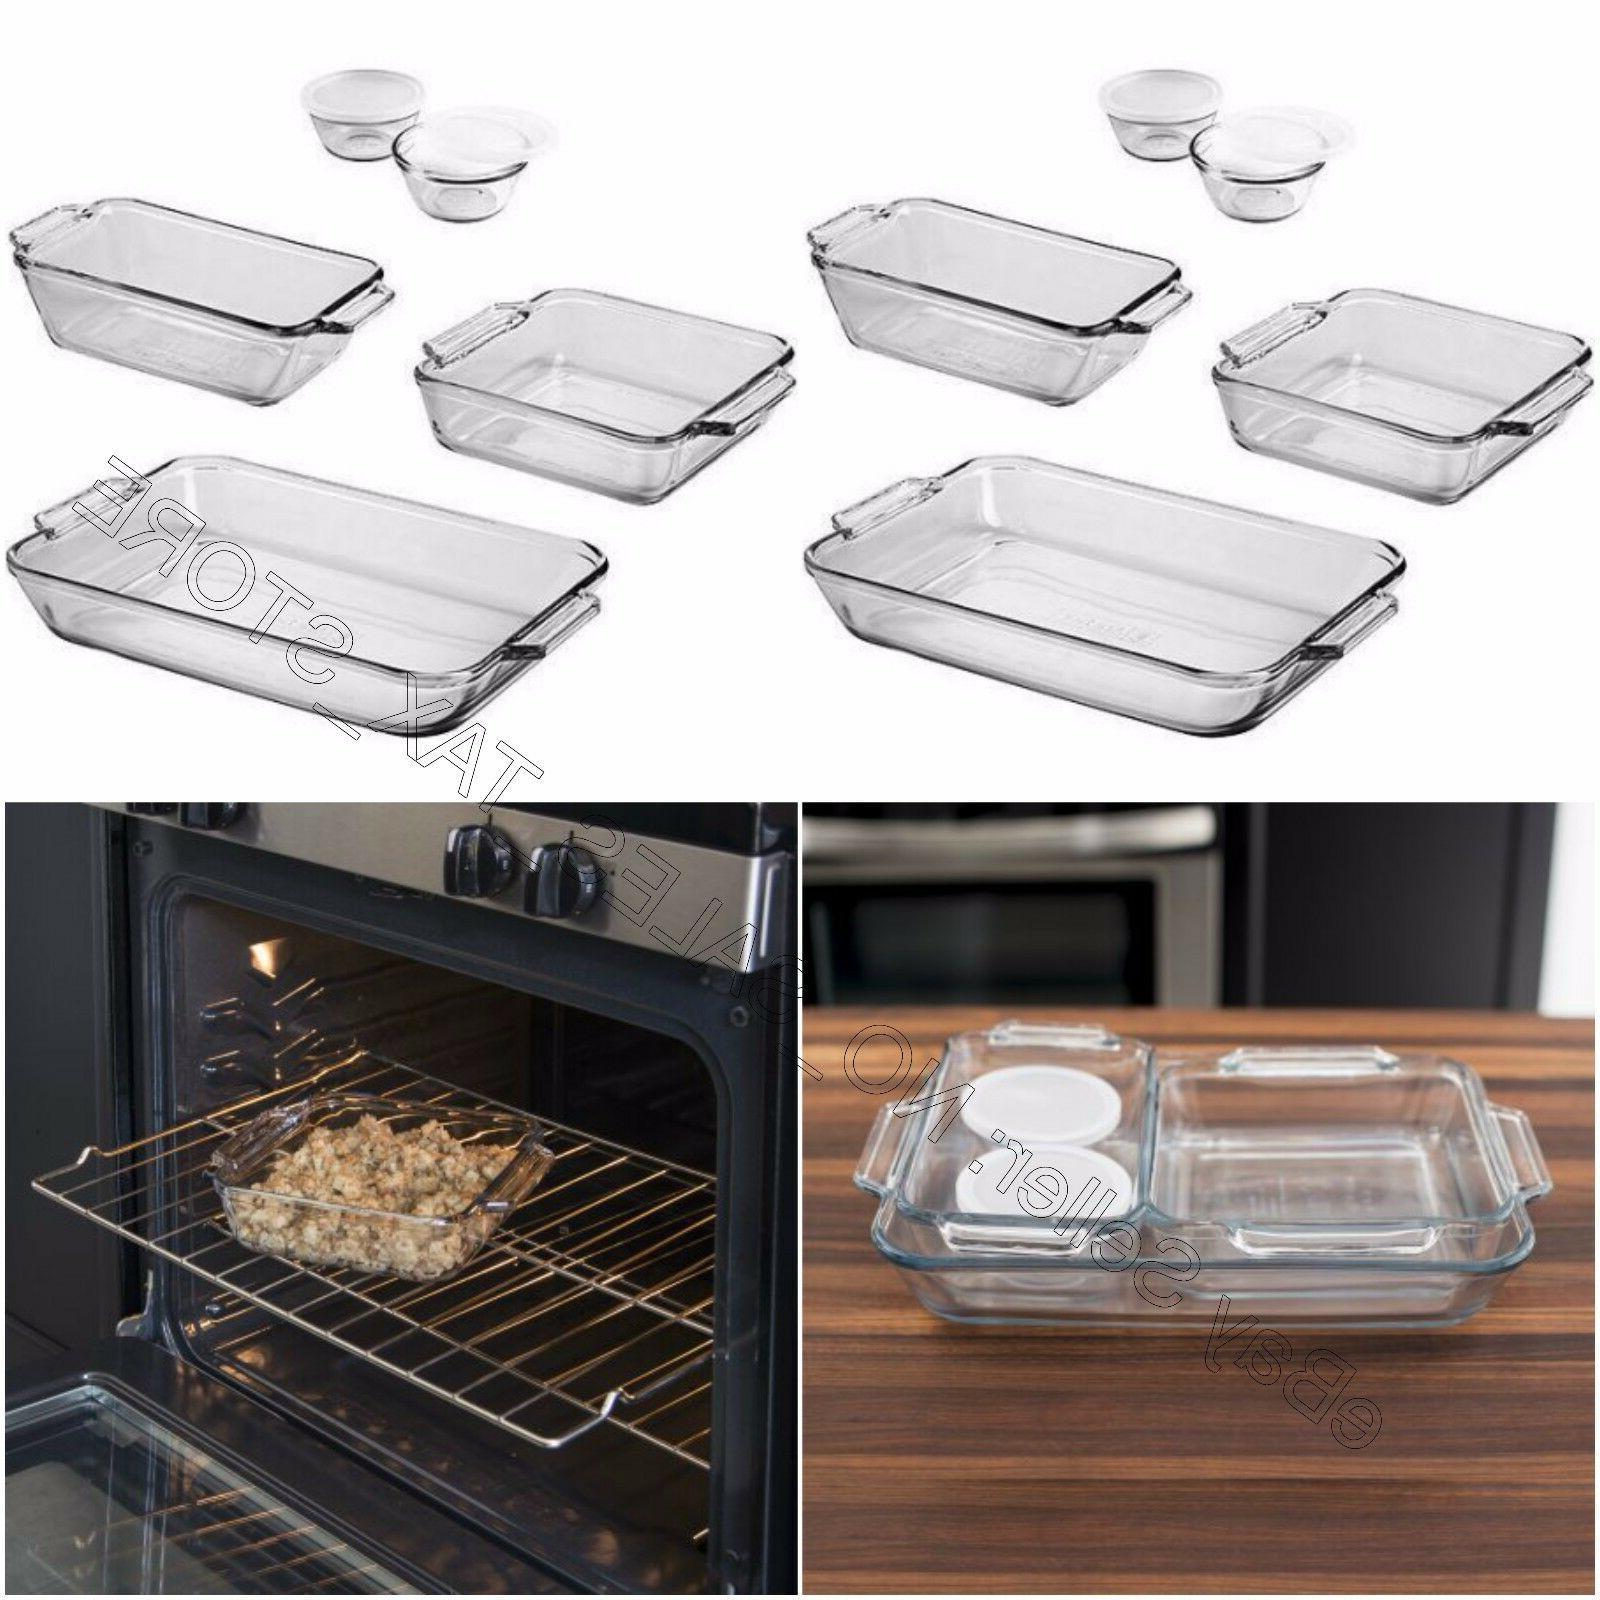 Anchor Hocking Kitchen Glass Baking Cake Loaf pan New